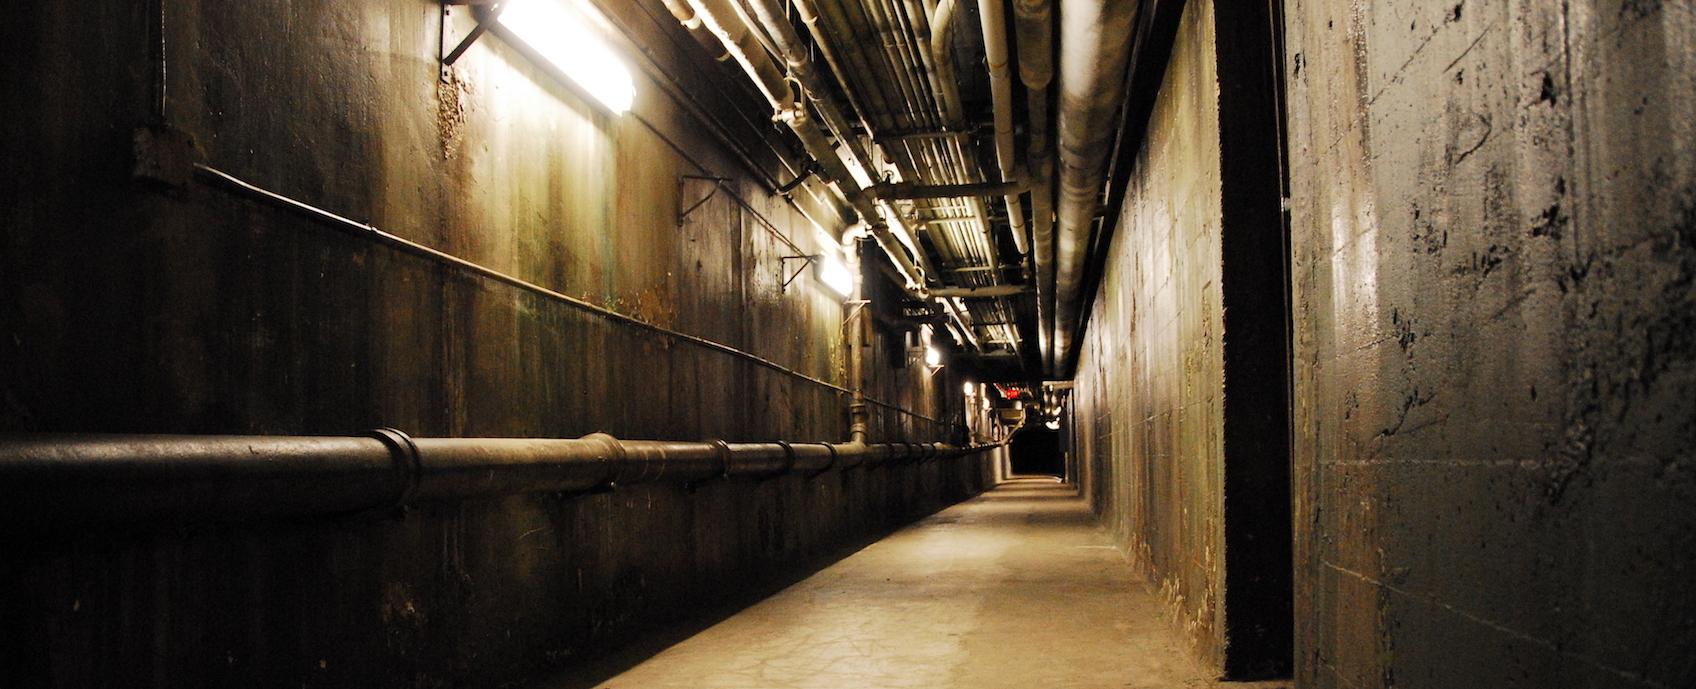 Vampire Tunnels